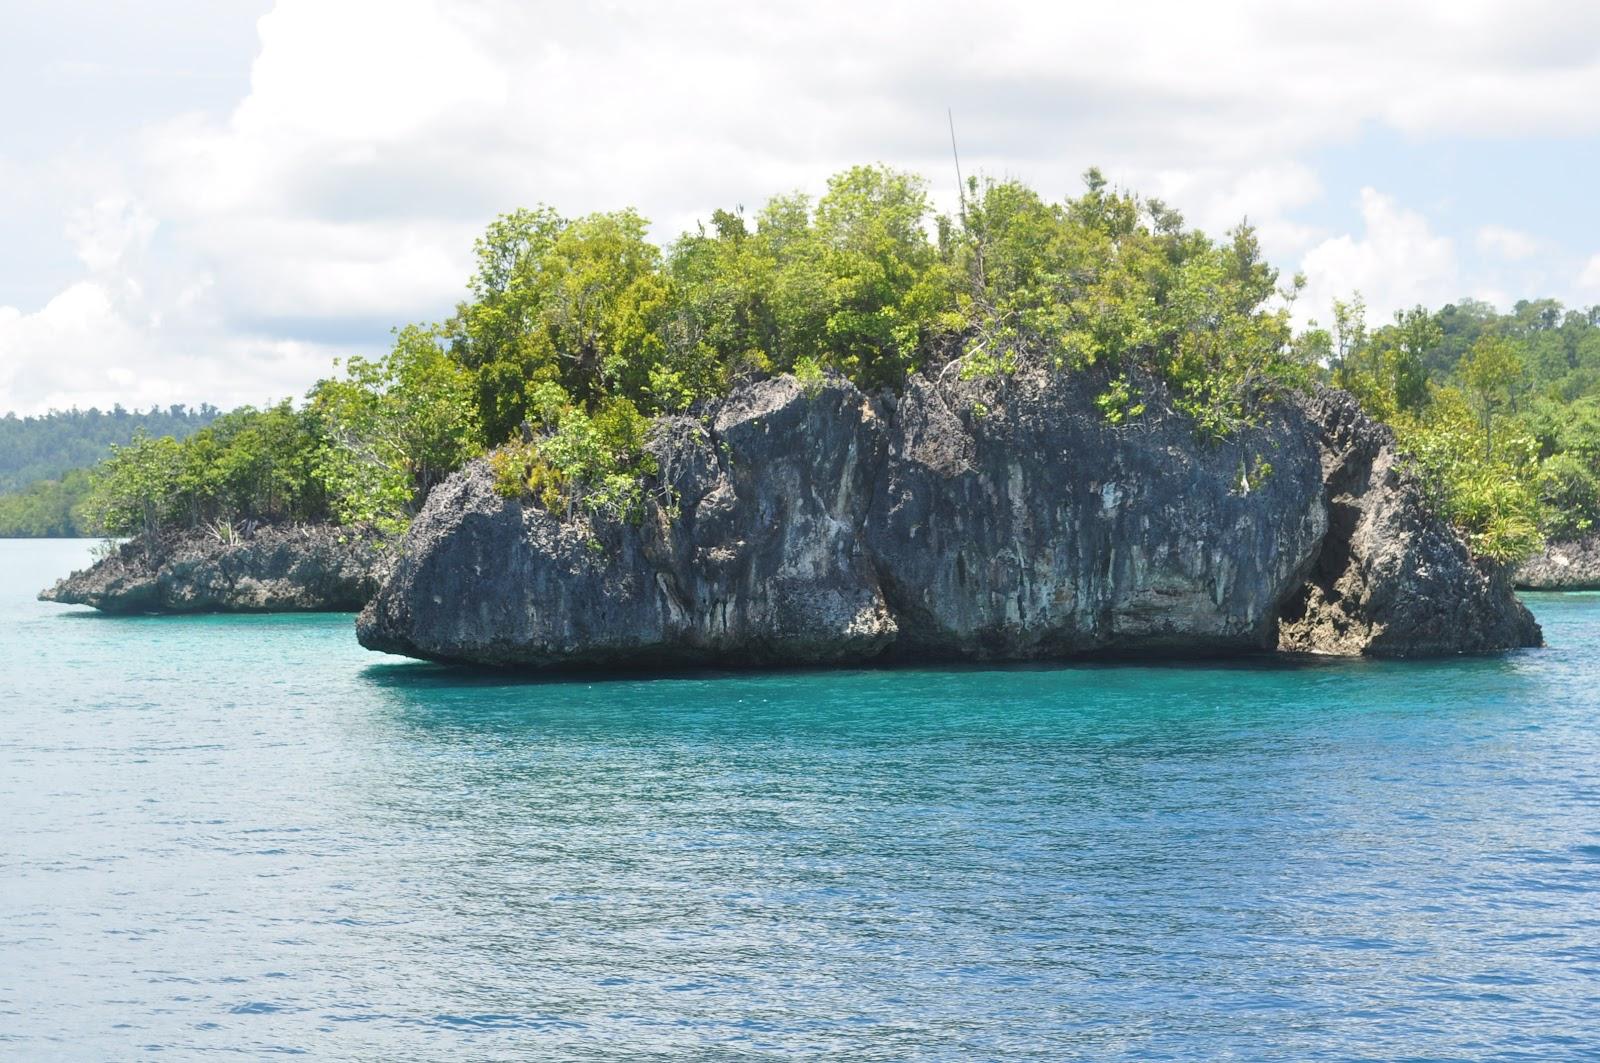 Pulau Una Una Indonesia  City pictures : togean merupakan hamparan pulau pulau yang terdiri atas 6 pulau ...